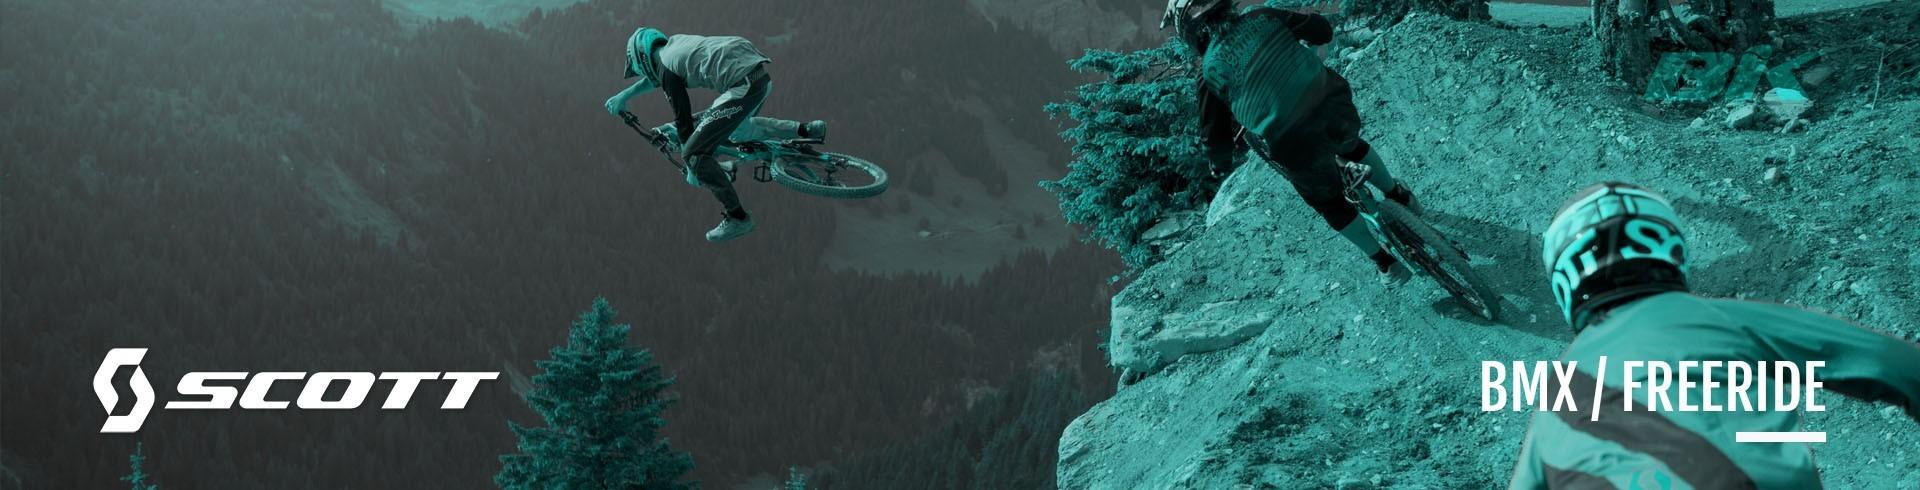 BMX-Freeride